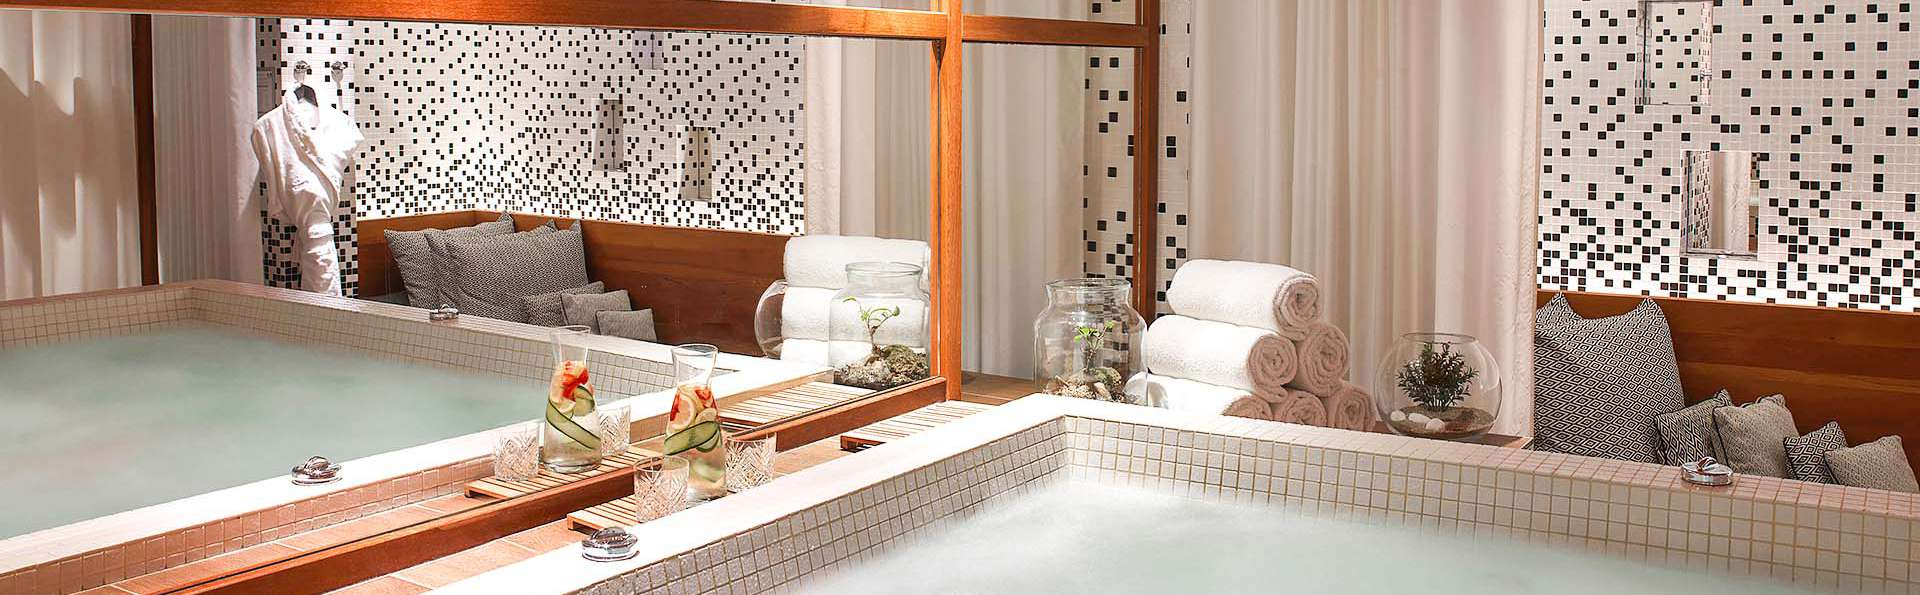 Renaissance Paris République Hotel - EDIT_RH_PARPR_Spa_Jacuzzi_01.jpg